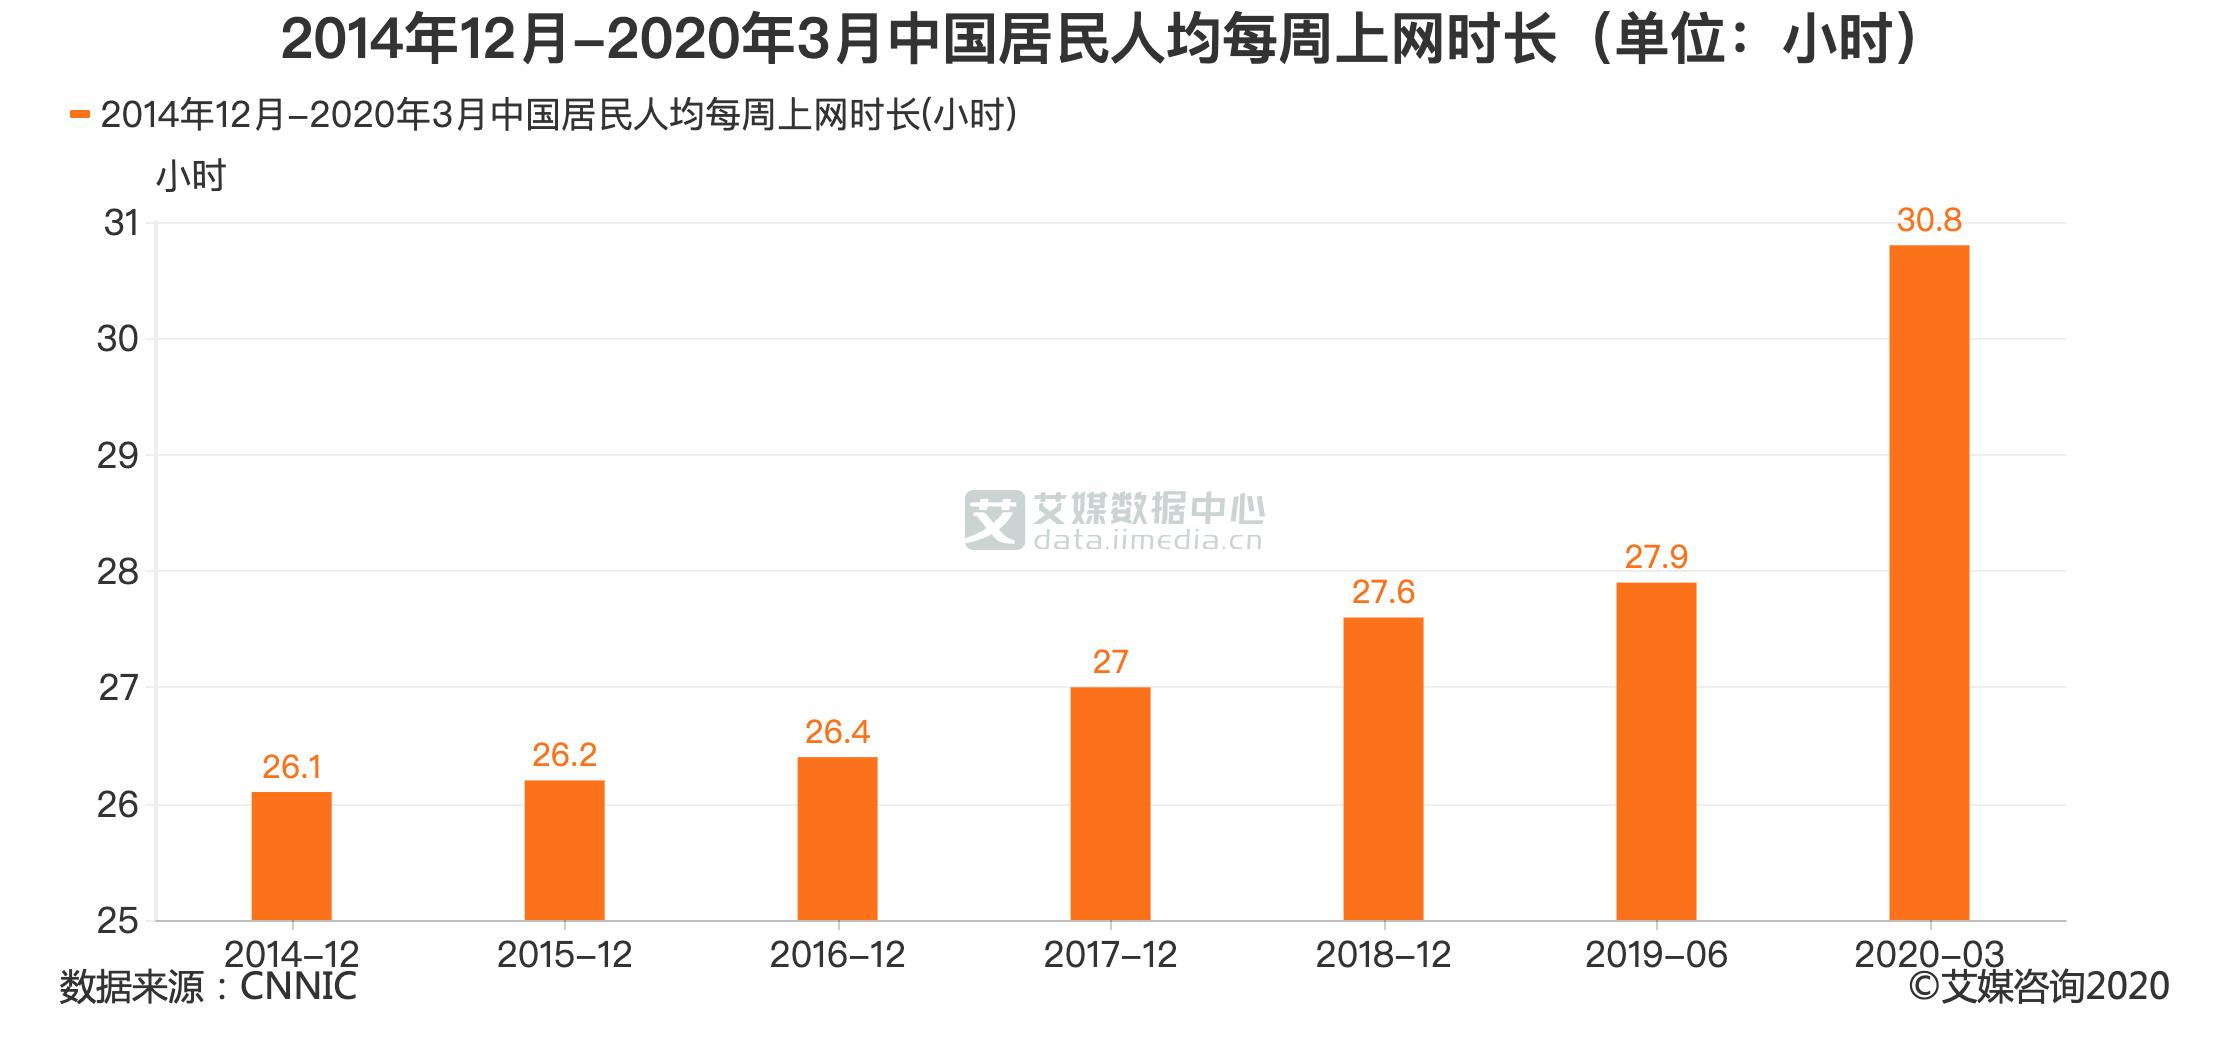 2014年12月-2020年3月中国居民人均每周上网时长(单位:小时)